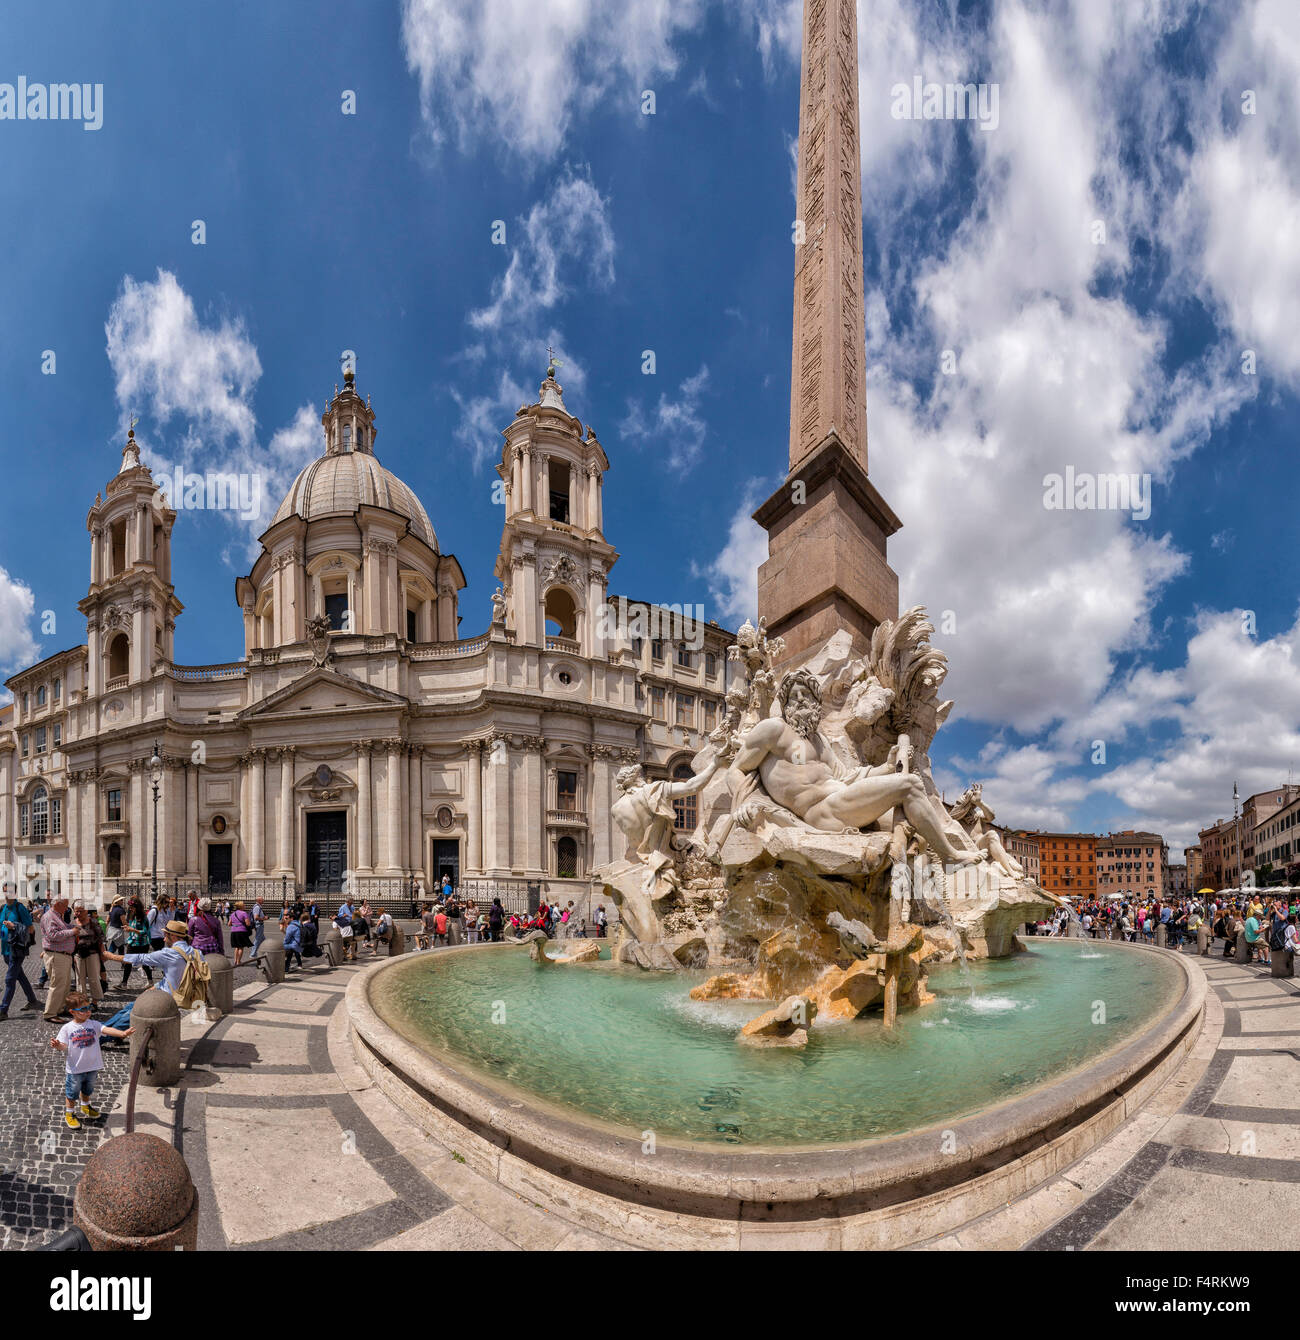 Italien, Europa, Latium, Rom, Roma, Stadt, Dorf, Wasser, Frühling, Menschen, Brunnen, Piazza Navona, Sant'Agnese Stockbild